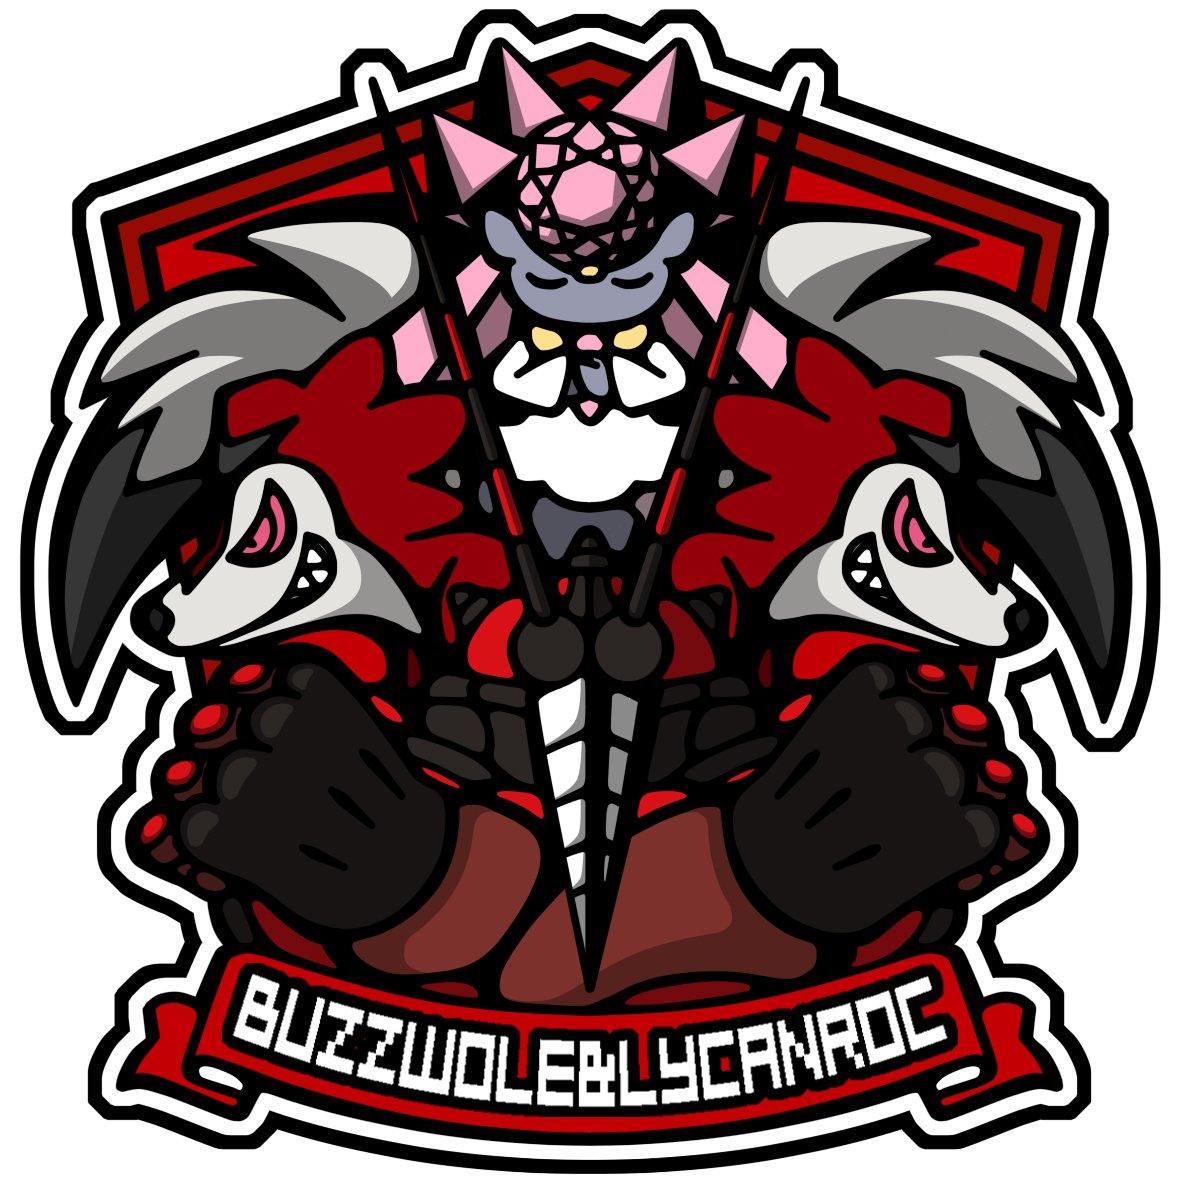 Buzzwolelycanroc ポケモンカードのマッシブーンルガルガンデッキの